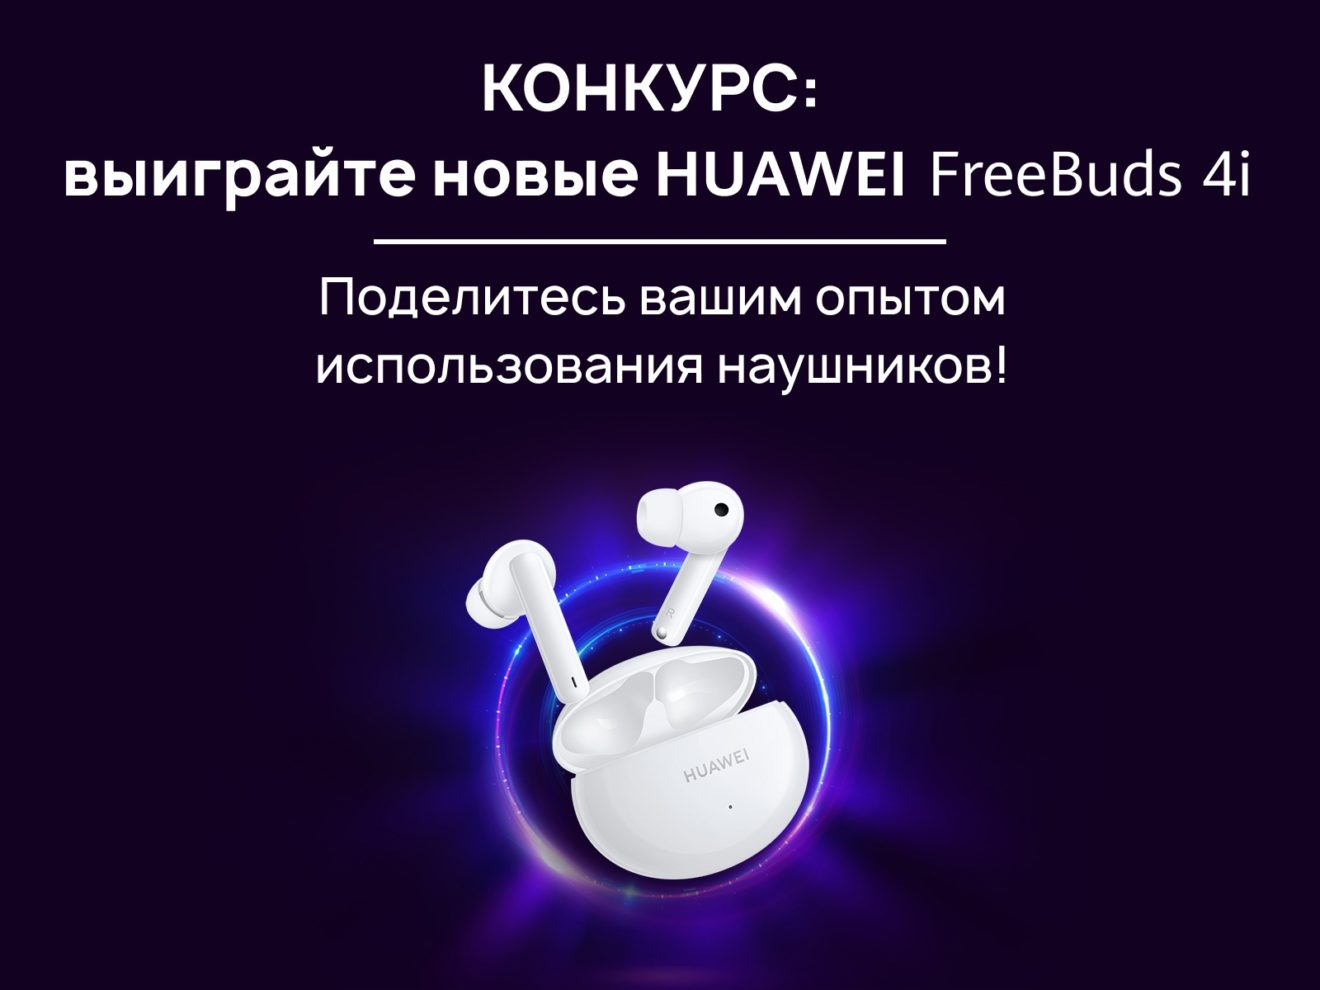 Делитесь опытом и выигрывайте HUAWEI FreeBuds 4i